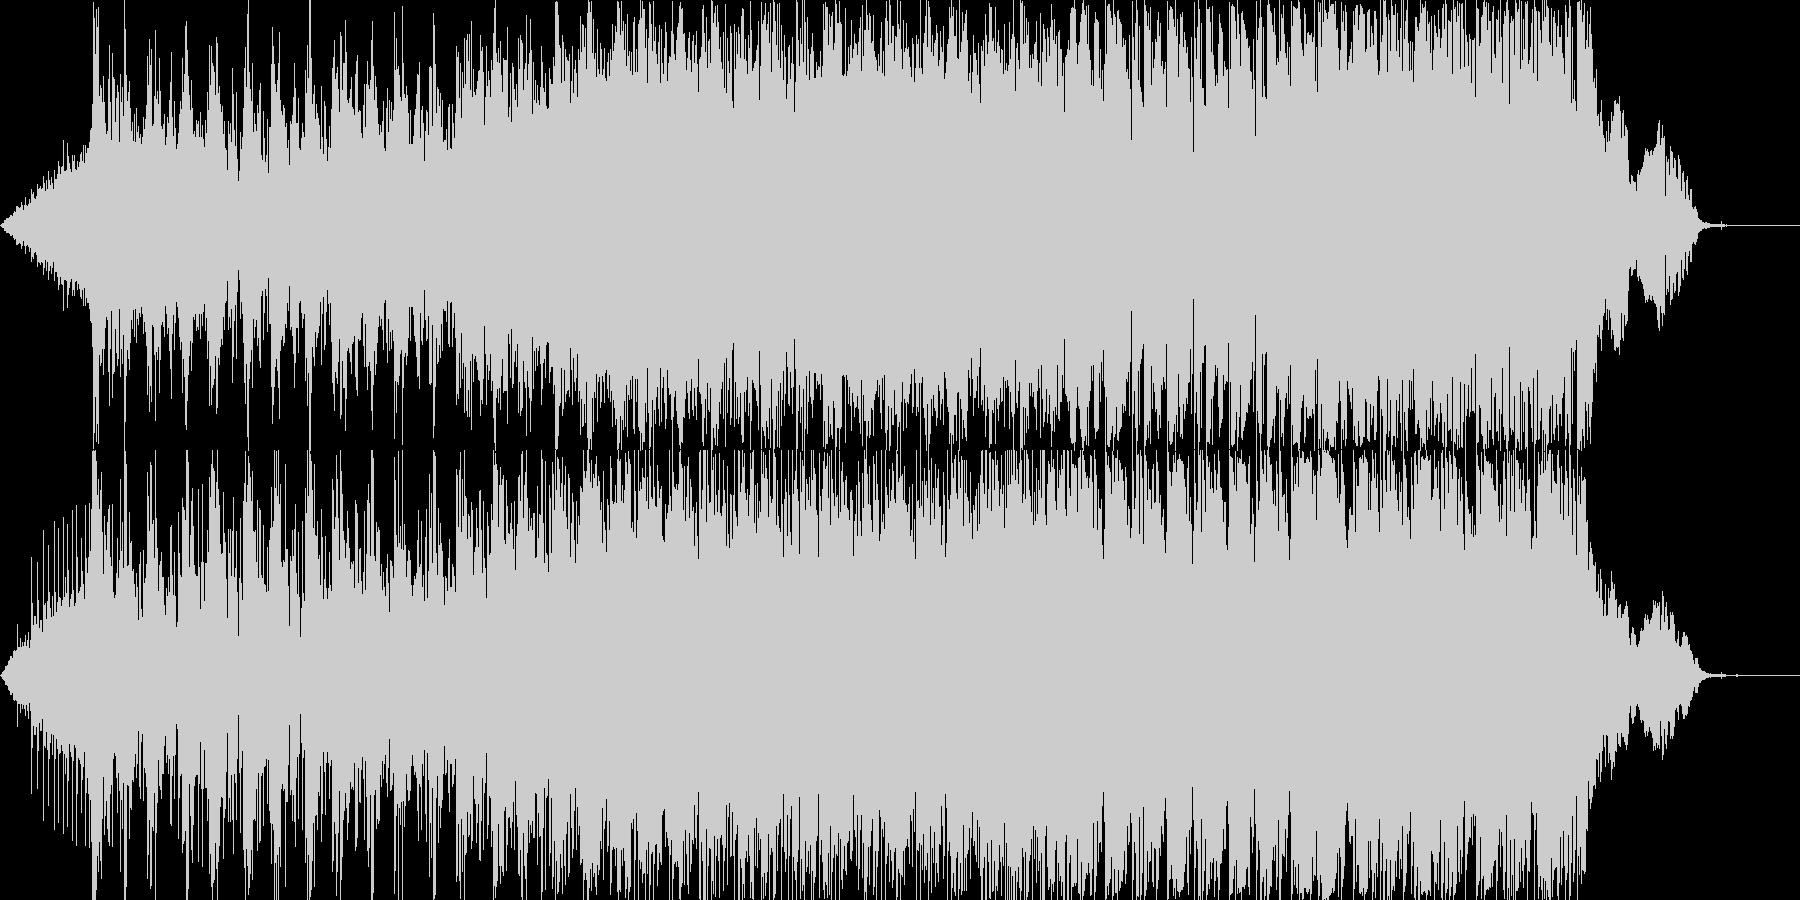 【殺陣音楽】迫力のある時代劇の戦闘シーンの未再生の波形